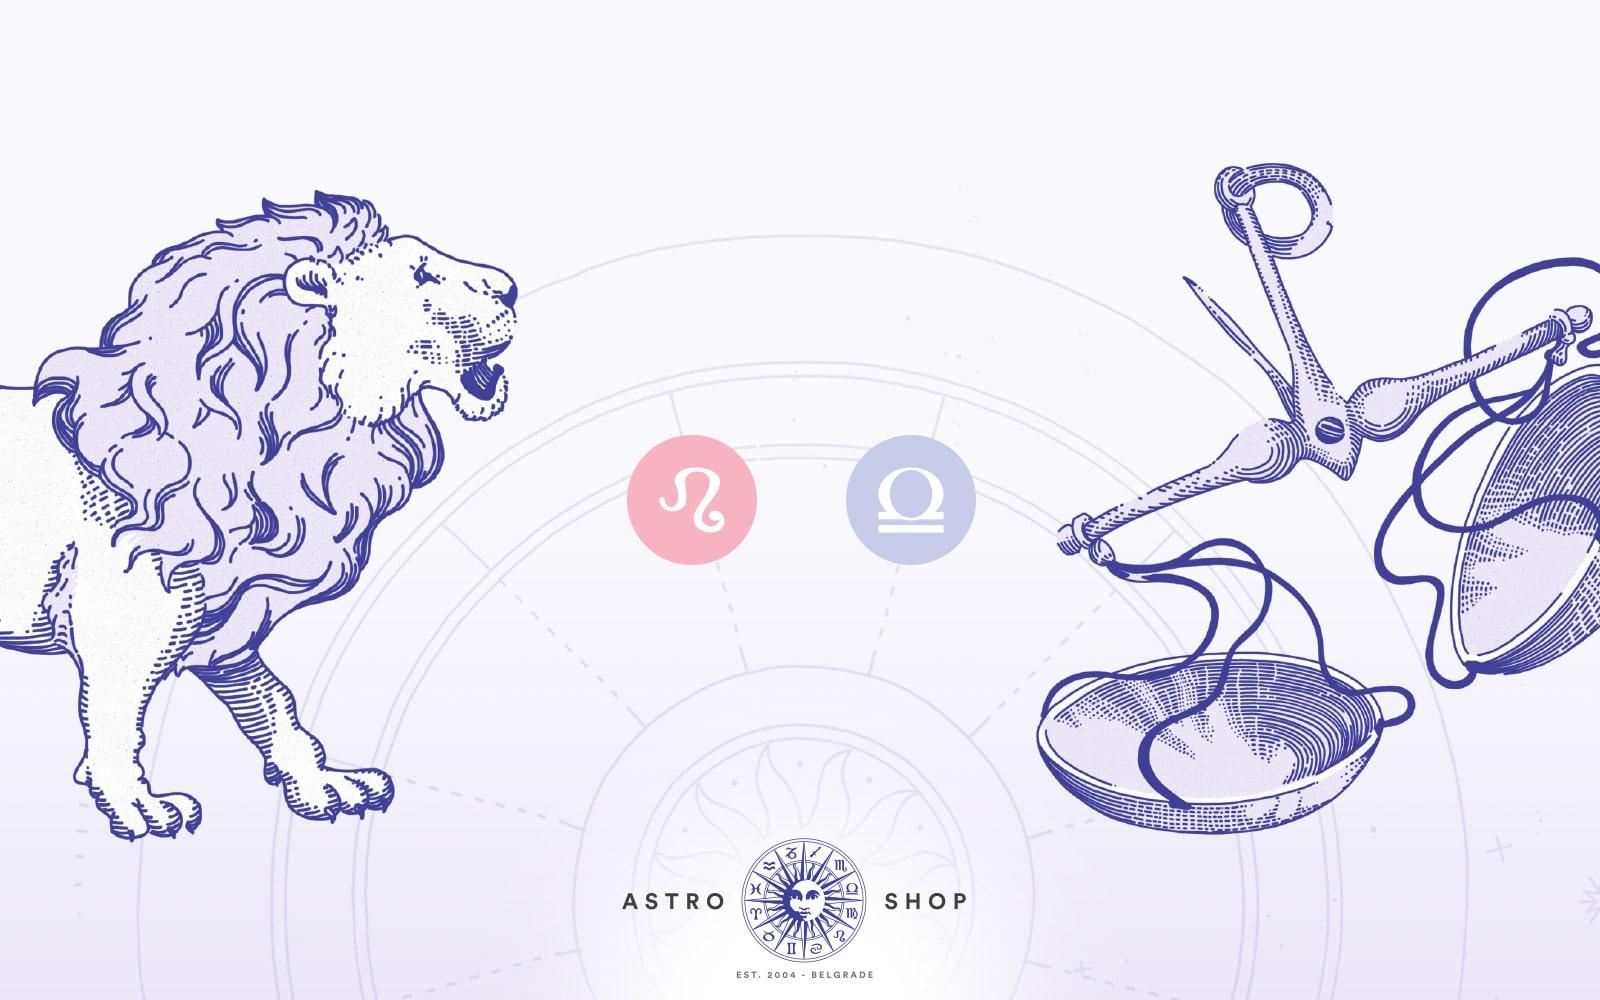 Ljubav, posao, prijateljstvo - uporedni horoskop osvetljava sve vaše odnose